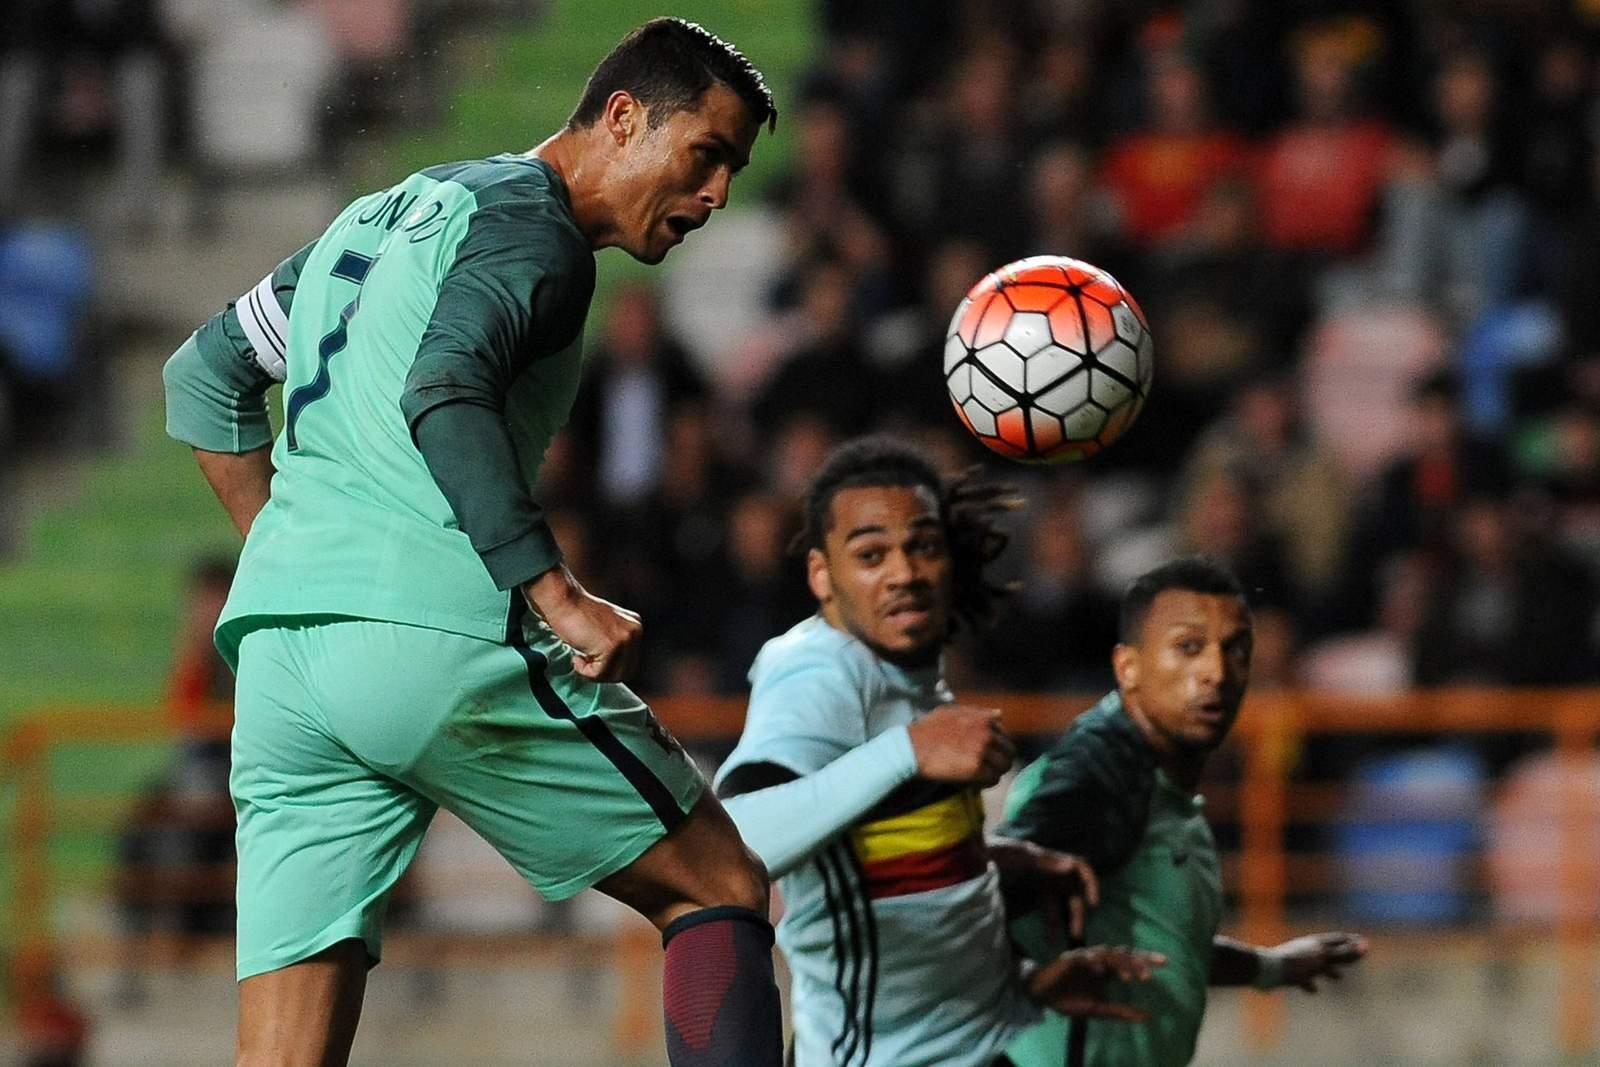 Cristiano Ronaldo beim Kopfball. Unser Tipp: Portugal gewinnt gegen Wales - aber frühestens in der Verlängerung.